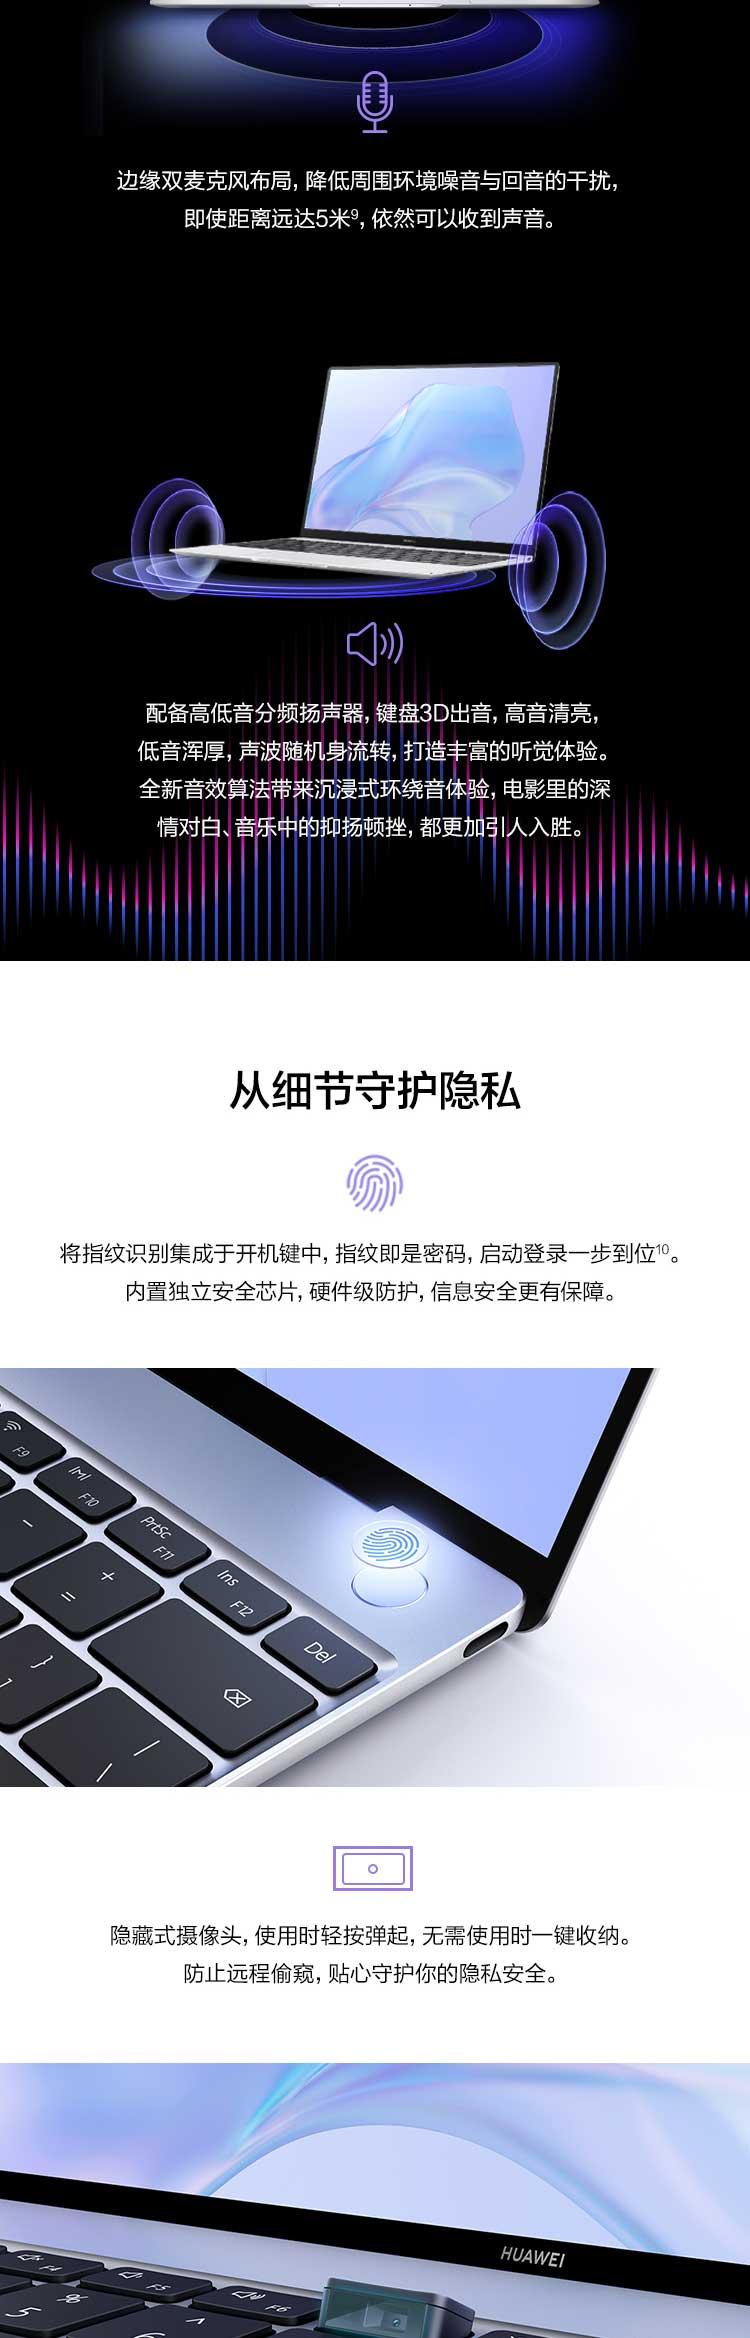 华为笔记本电脑MateBook X 2020款 13英寸 时尚轻薄本 (英特尔十代酷睿i7 16GB 512GB) 3K触控全面屏 青山黛